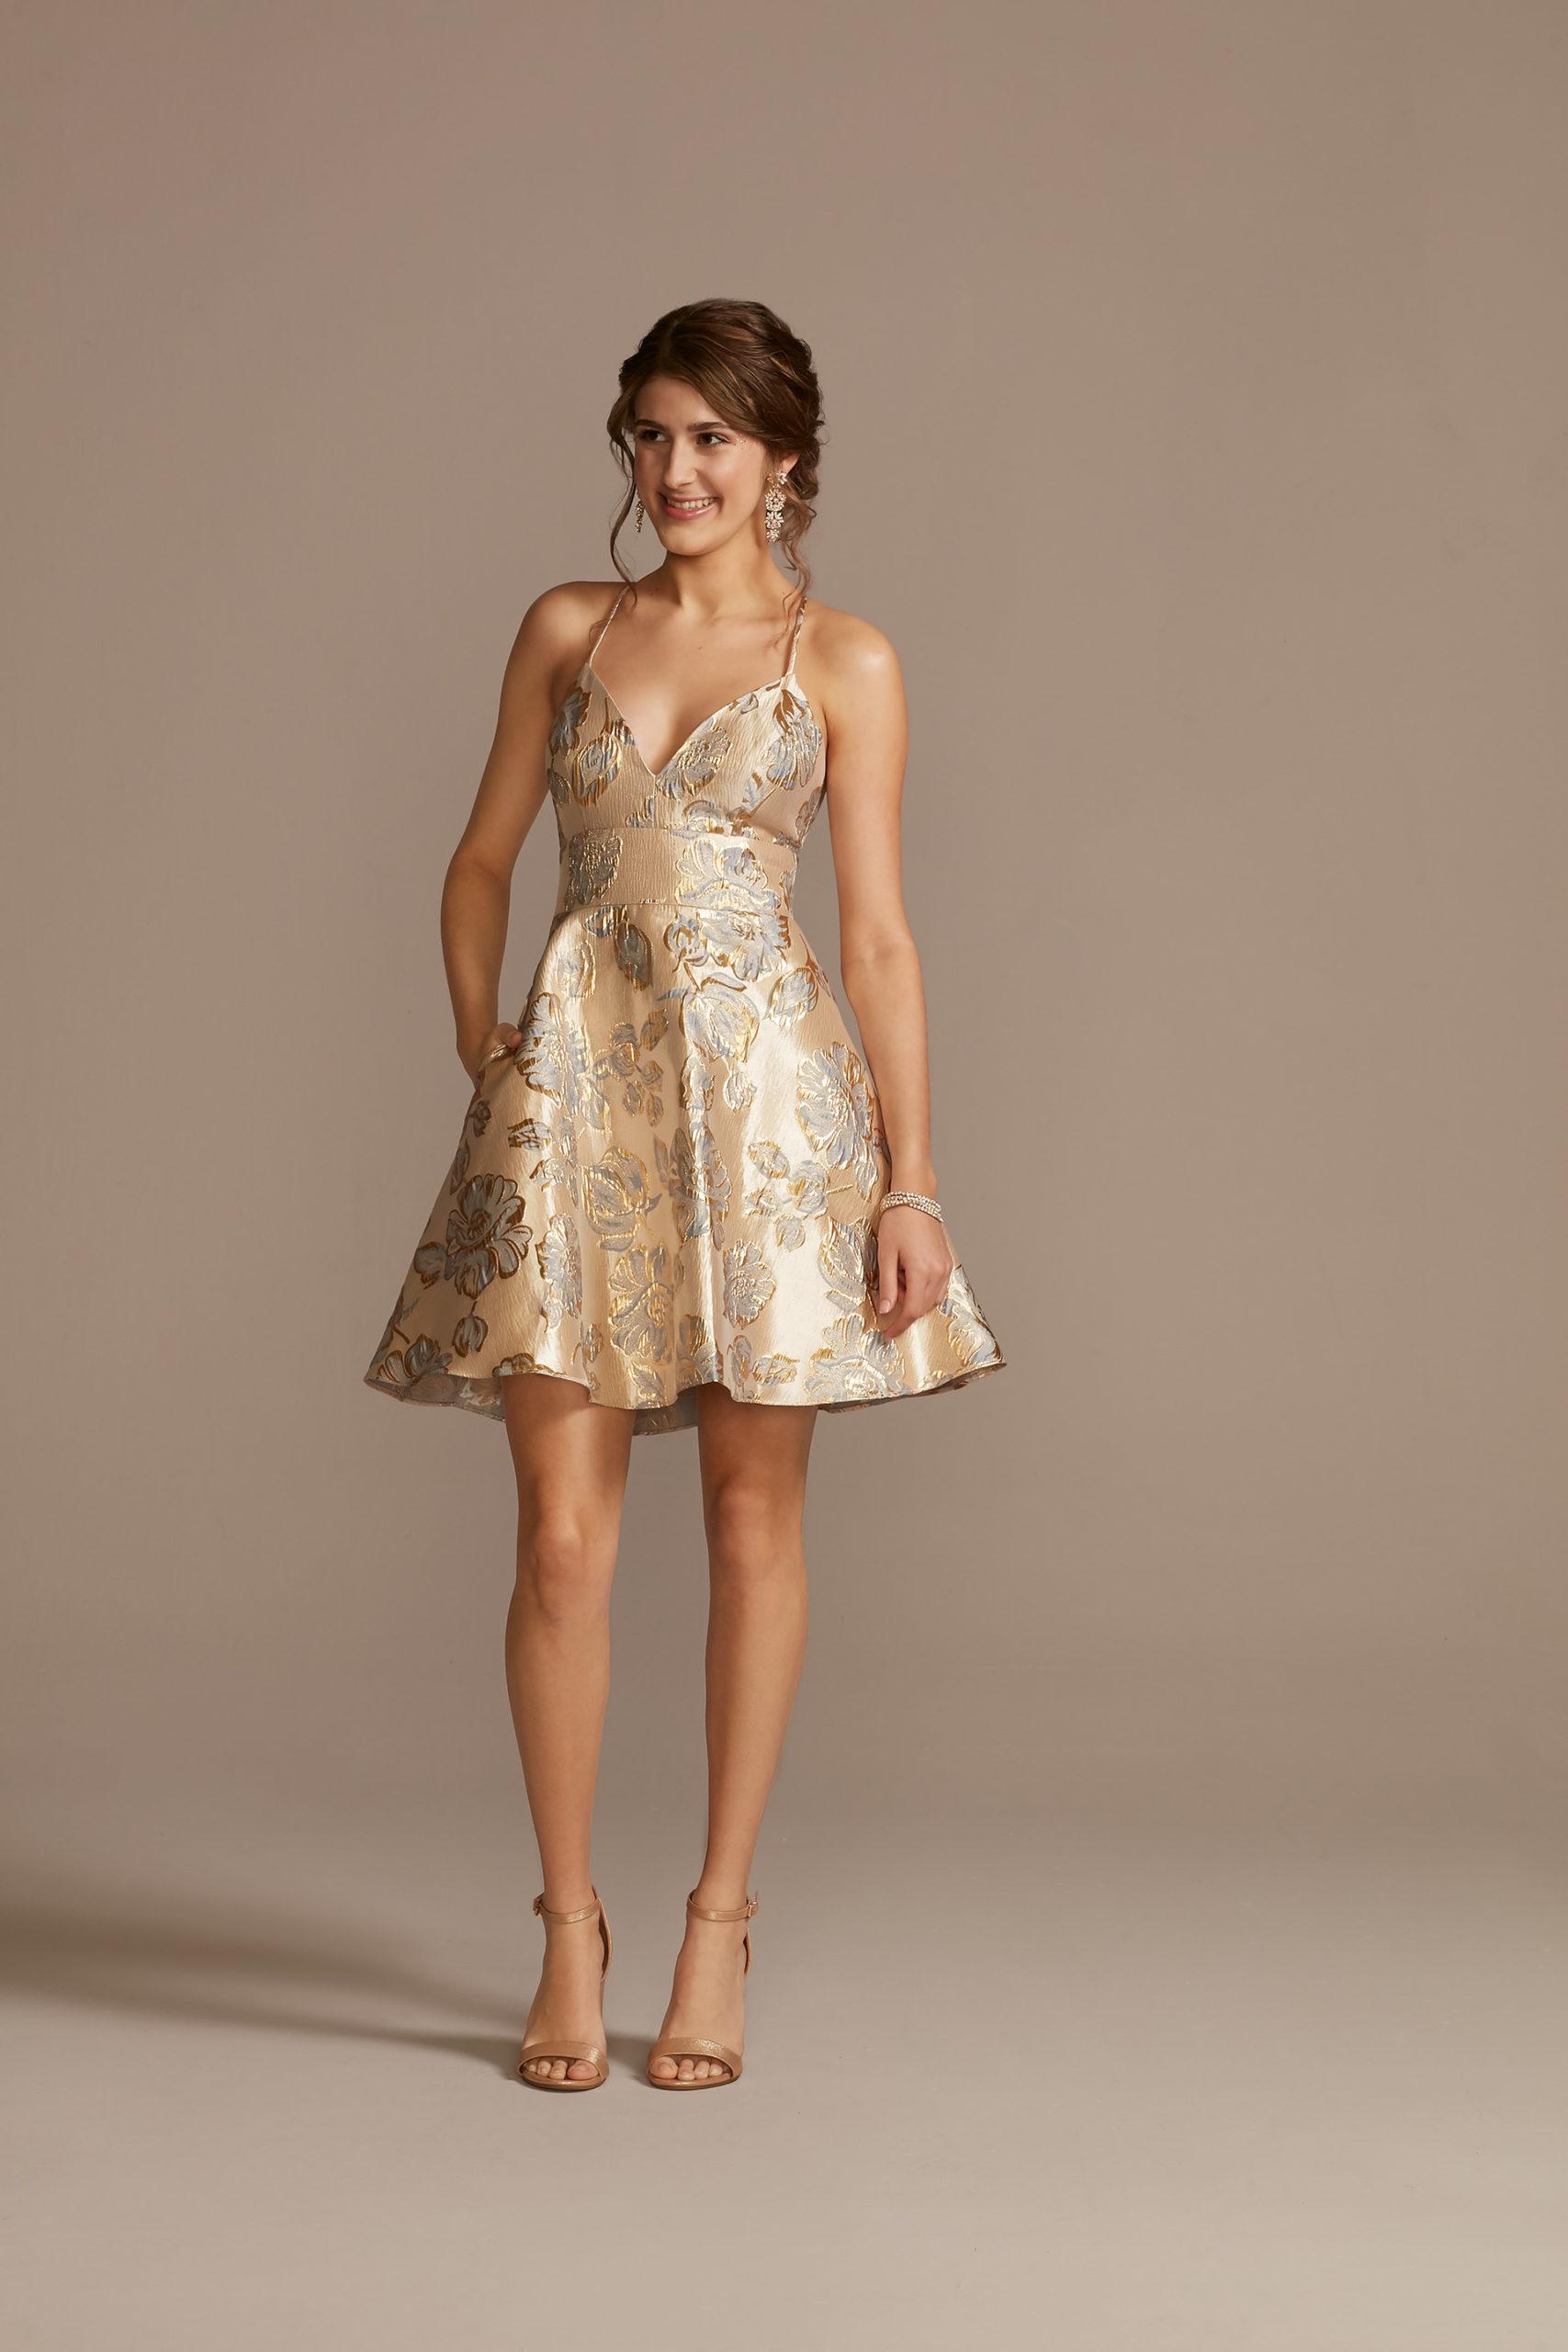 gold skater skirt dress